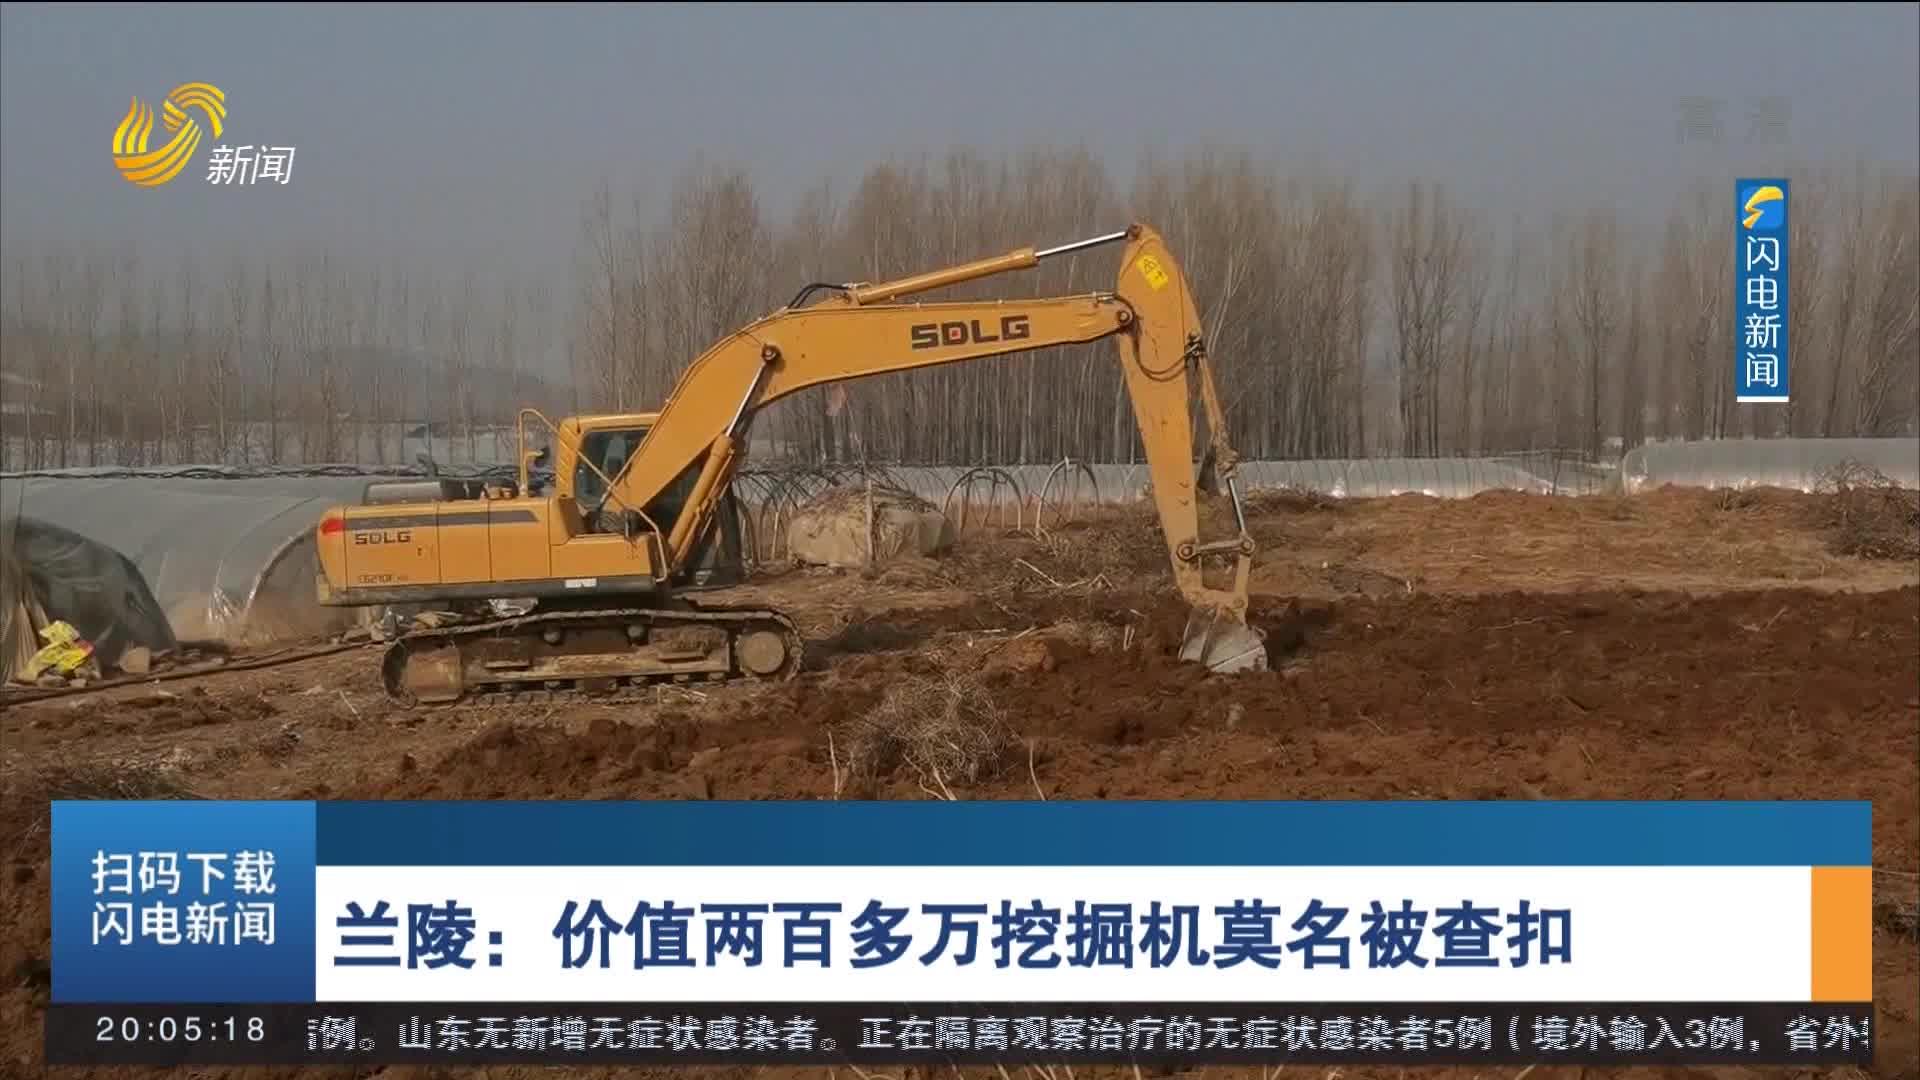 兰陵:价值两百多万挖掘机莫名被查扣